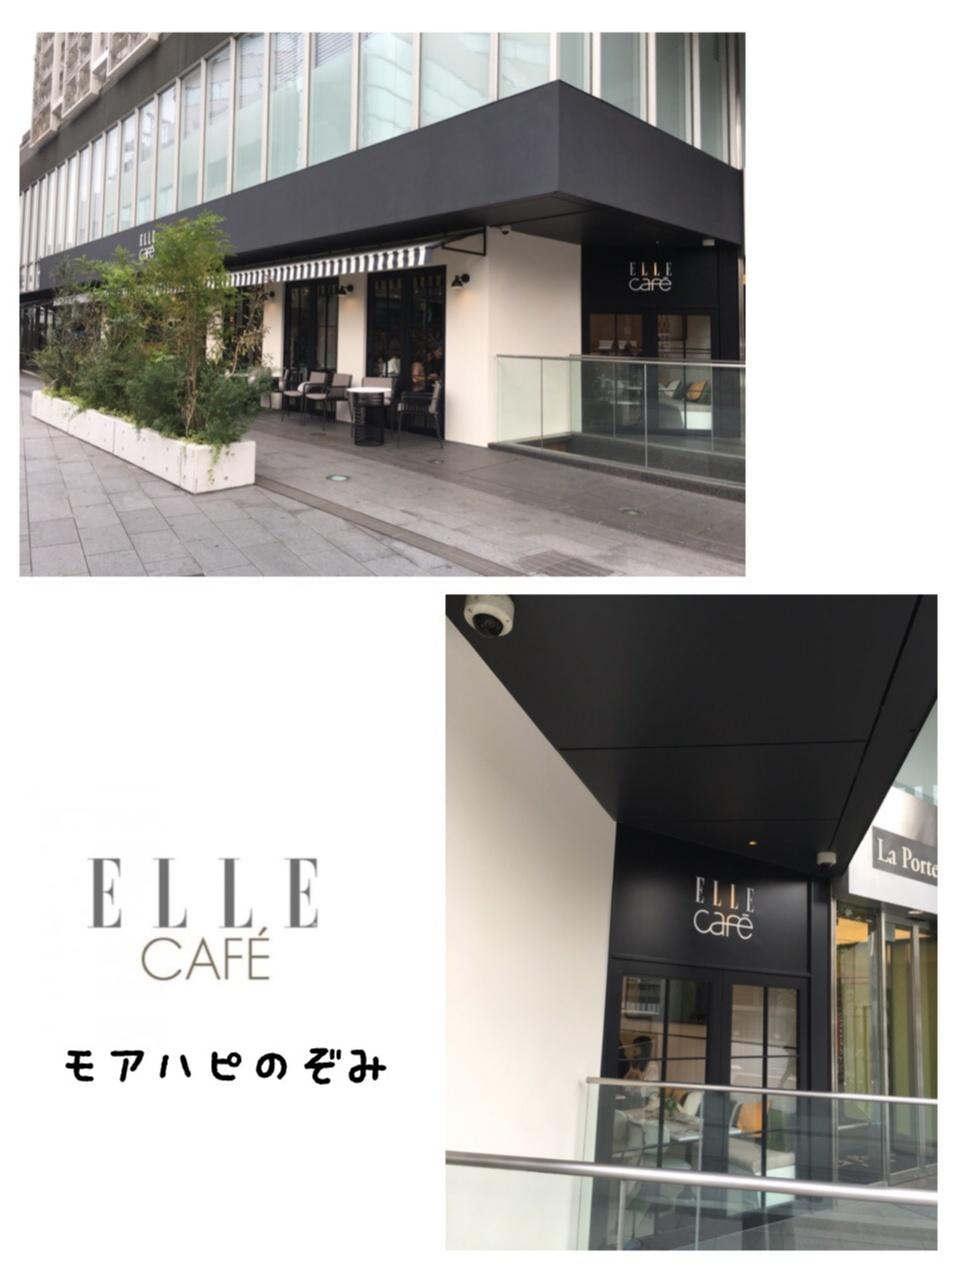 ♡11/11グランドオープン【ELLE café 青山店】プレオープンへ♡モアハピ◡̈のぞみ♡_2